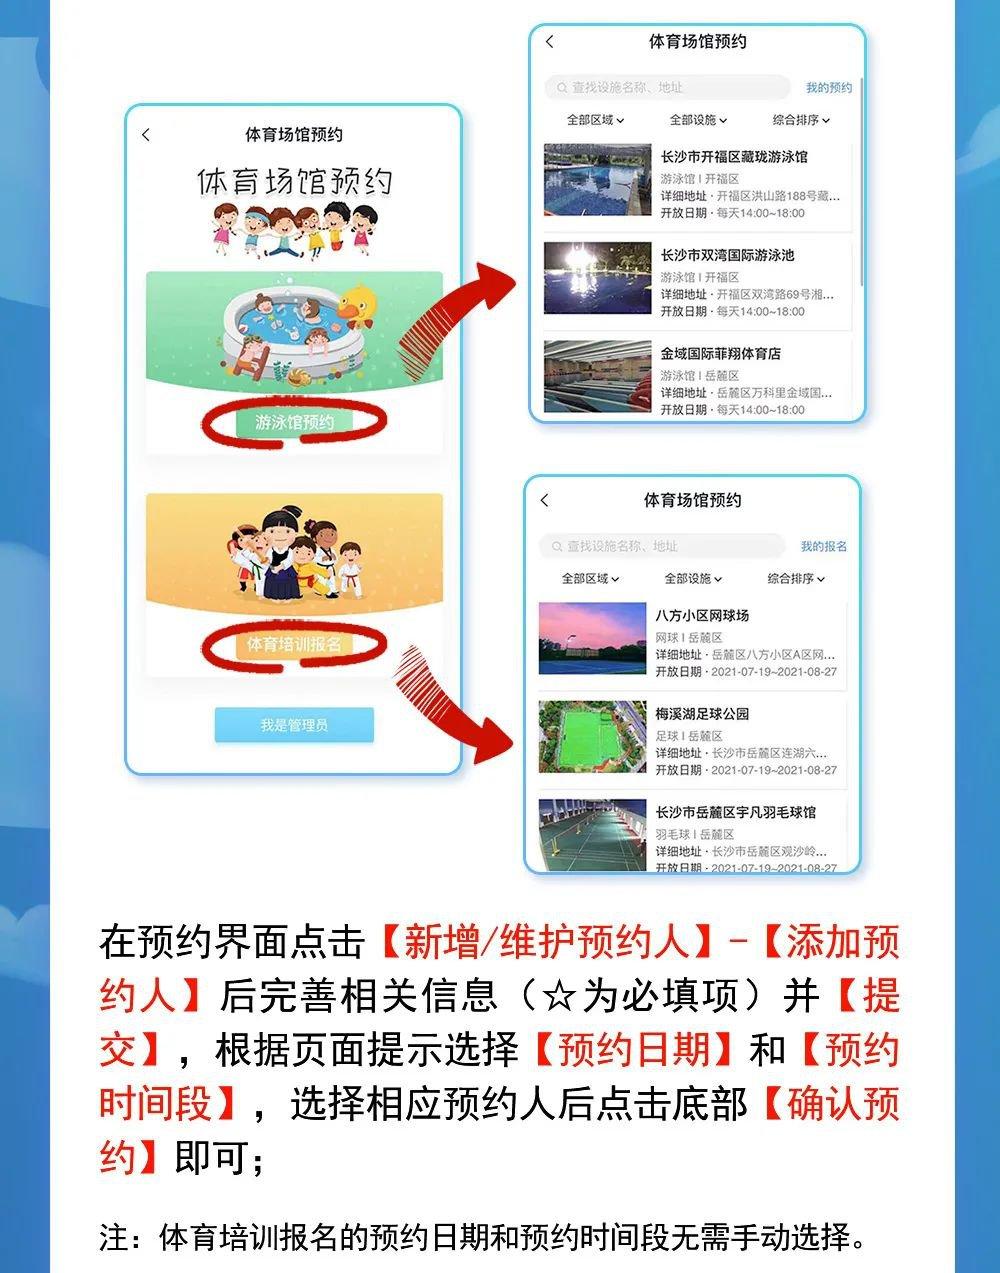 长沙中小学生免费游泳预约指南(入口+流程+时间+规则)